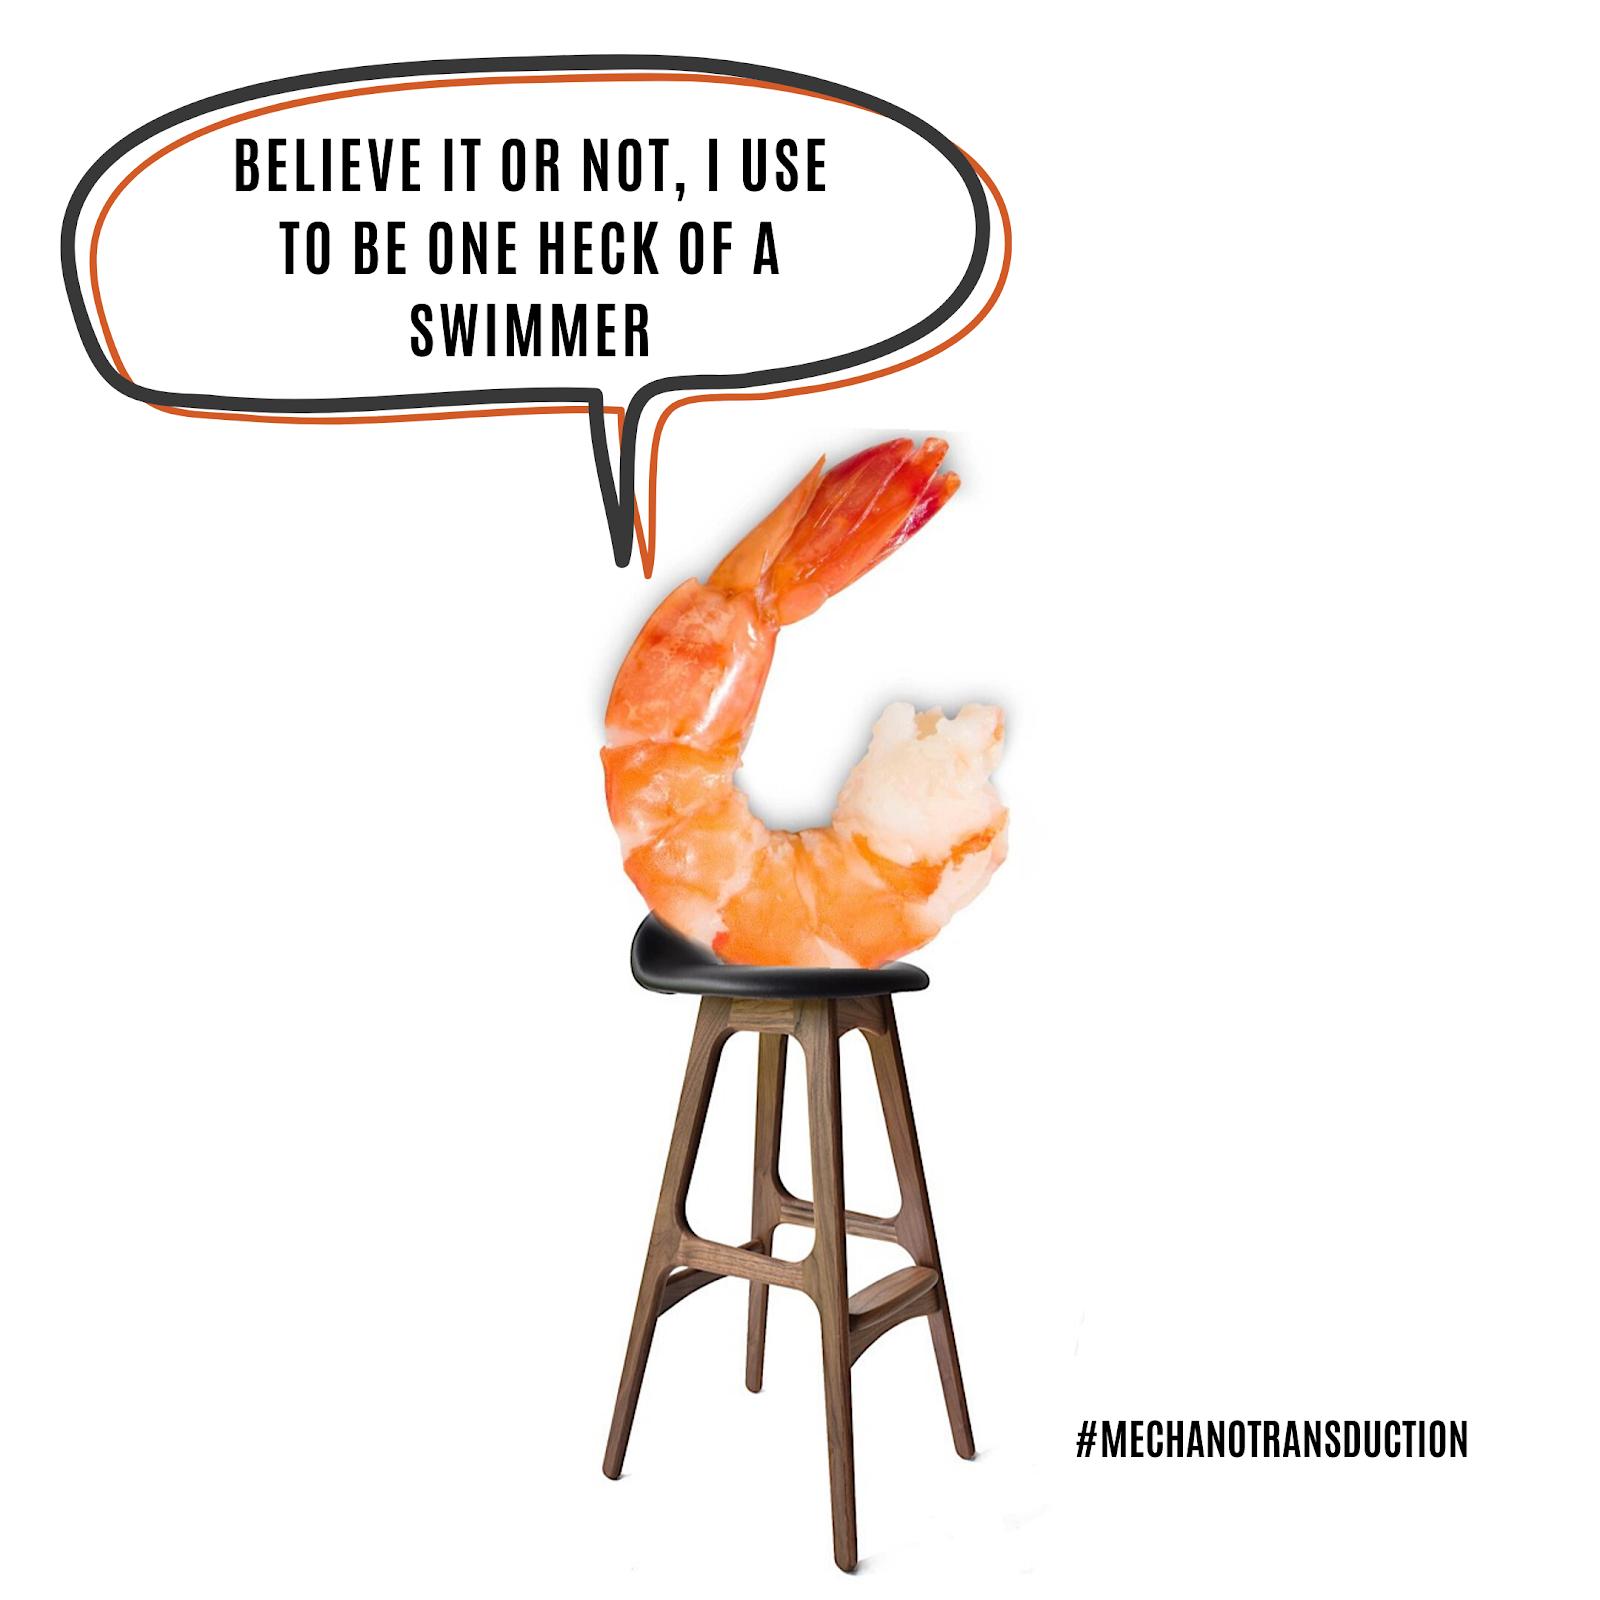 Shrimp on a stool